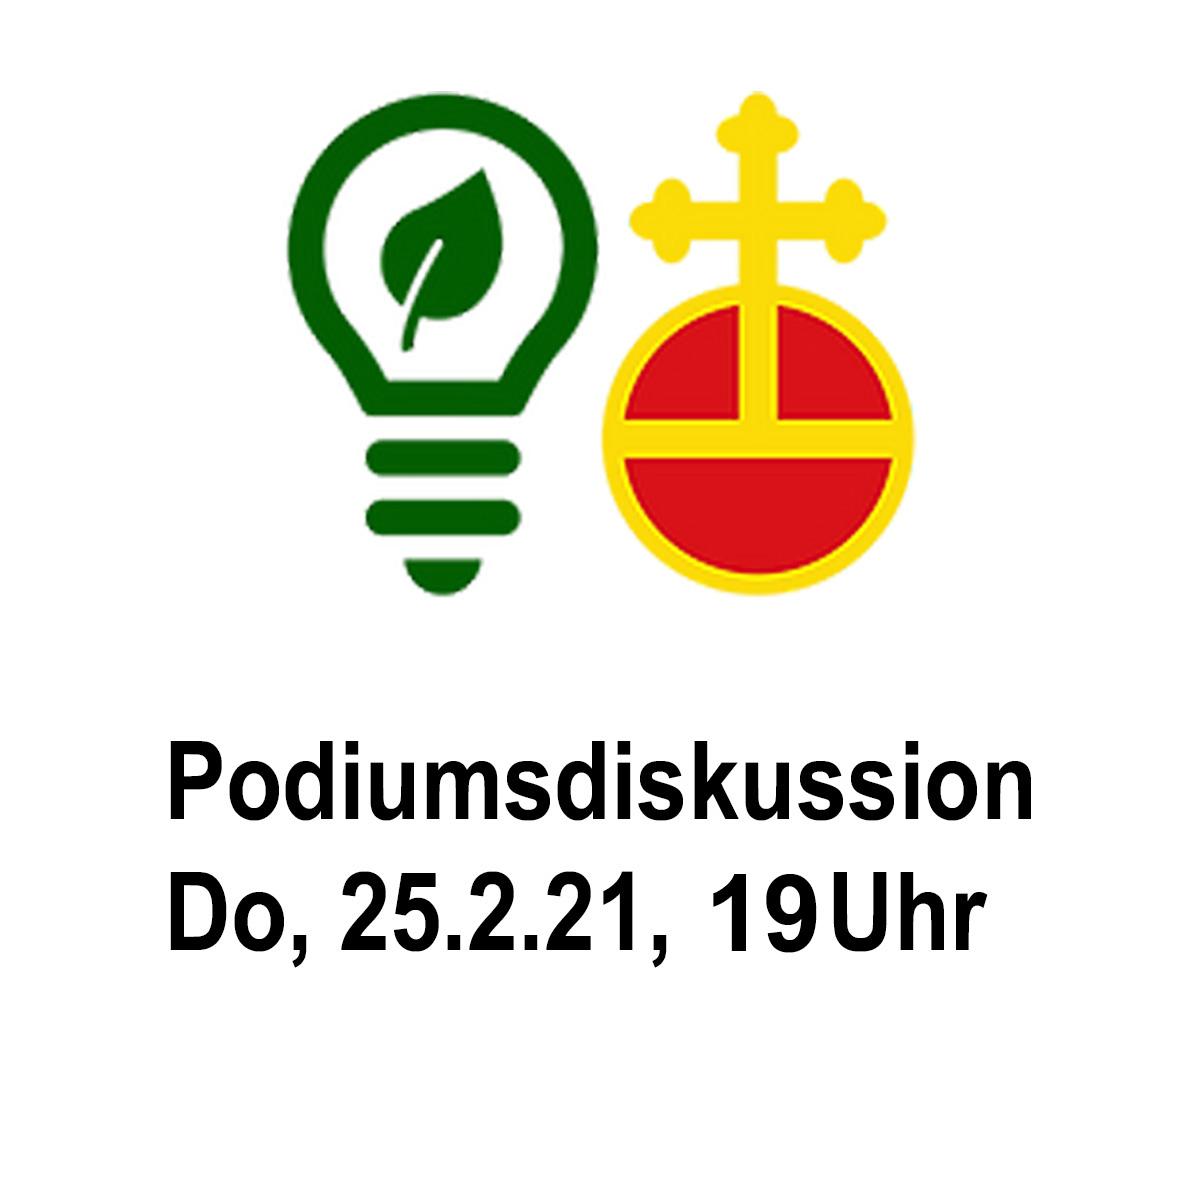 Prima Klima in Bad Soden? Podiumsdiskussion der Kandidaten von Grüne, CDU, SPD, FDP, BSB